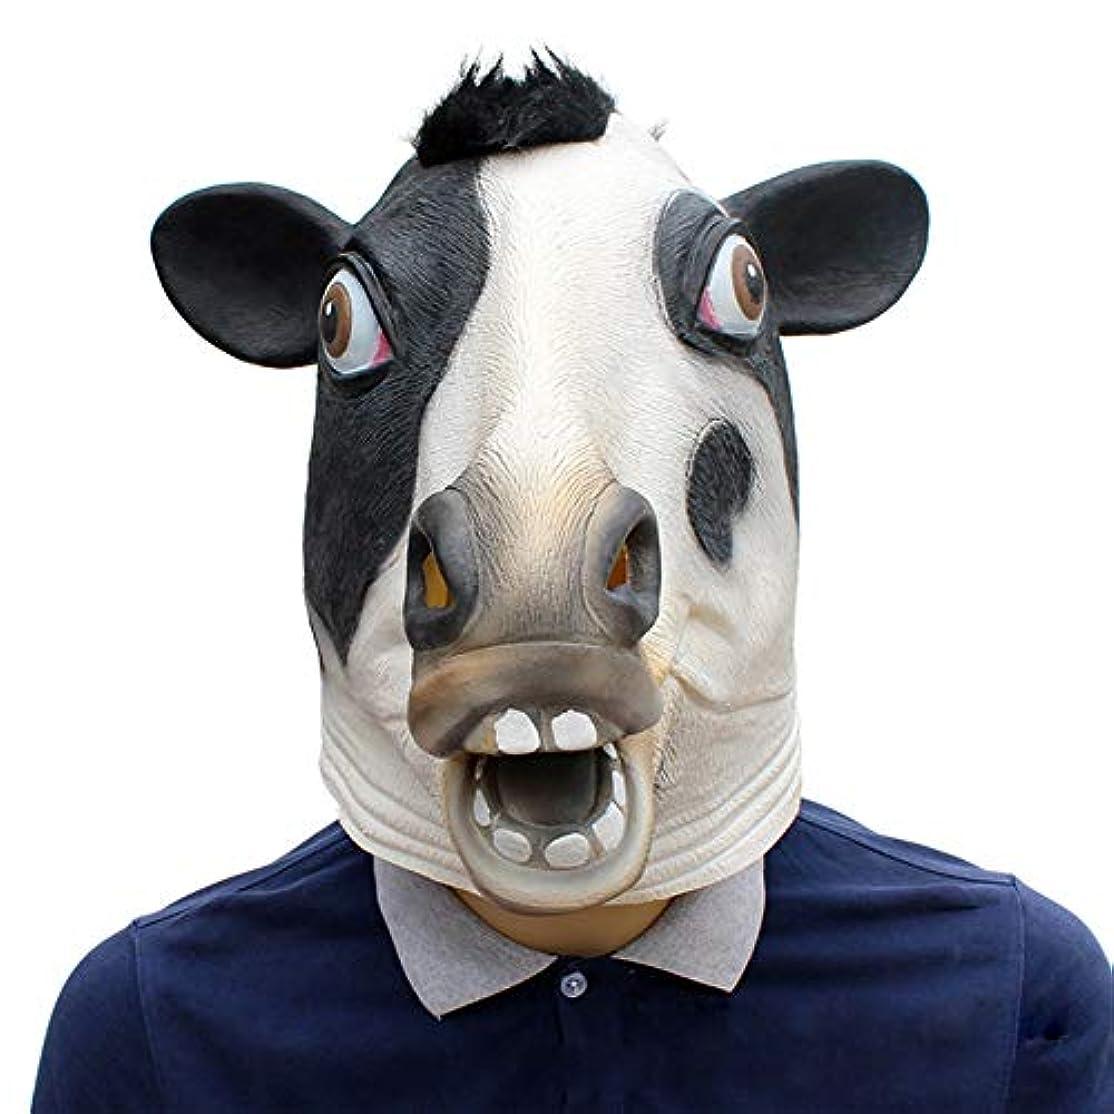 怒る断線敏感なハロウィーンマスク、牛ラテックスマスク、ハロウィーン、テーマパーティー、カーニバル、レイブパーティー、バー、小道具、映画。